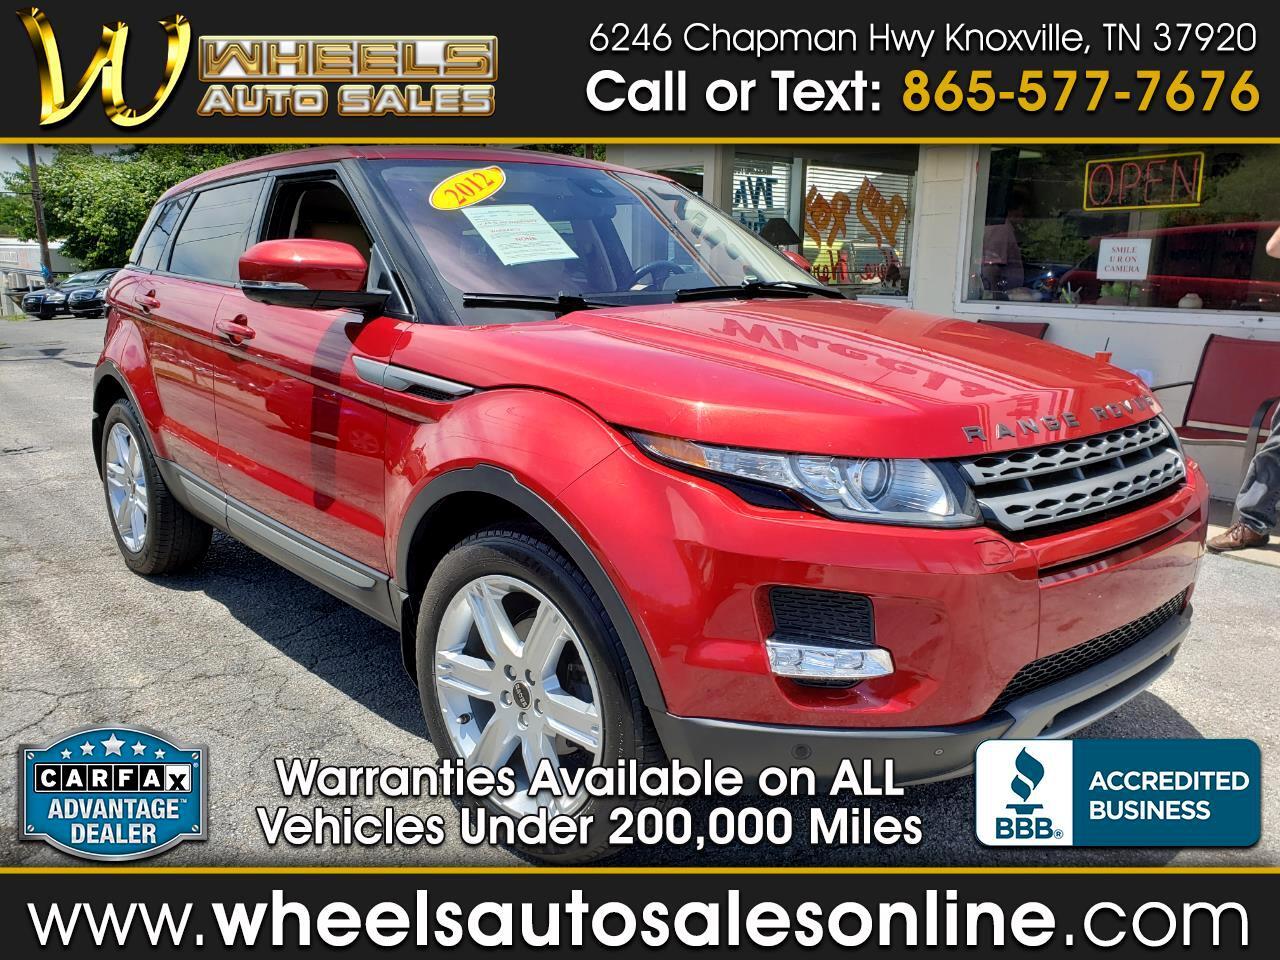 Land Rover Range Rover Evoque 5dr HB Pure Premium 2012